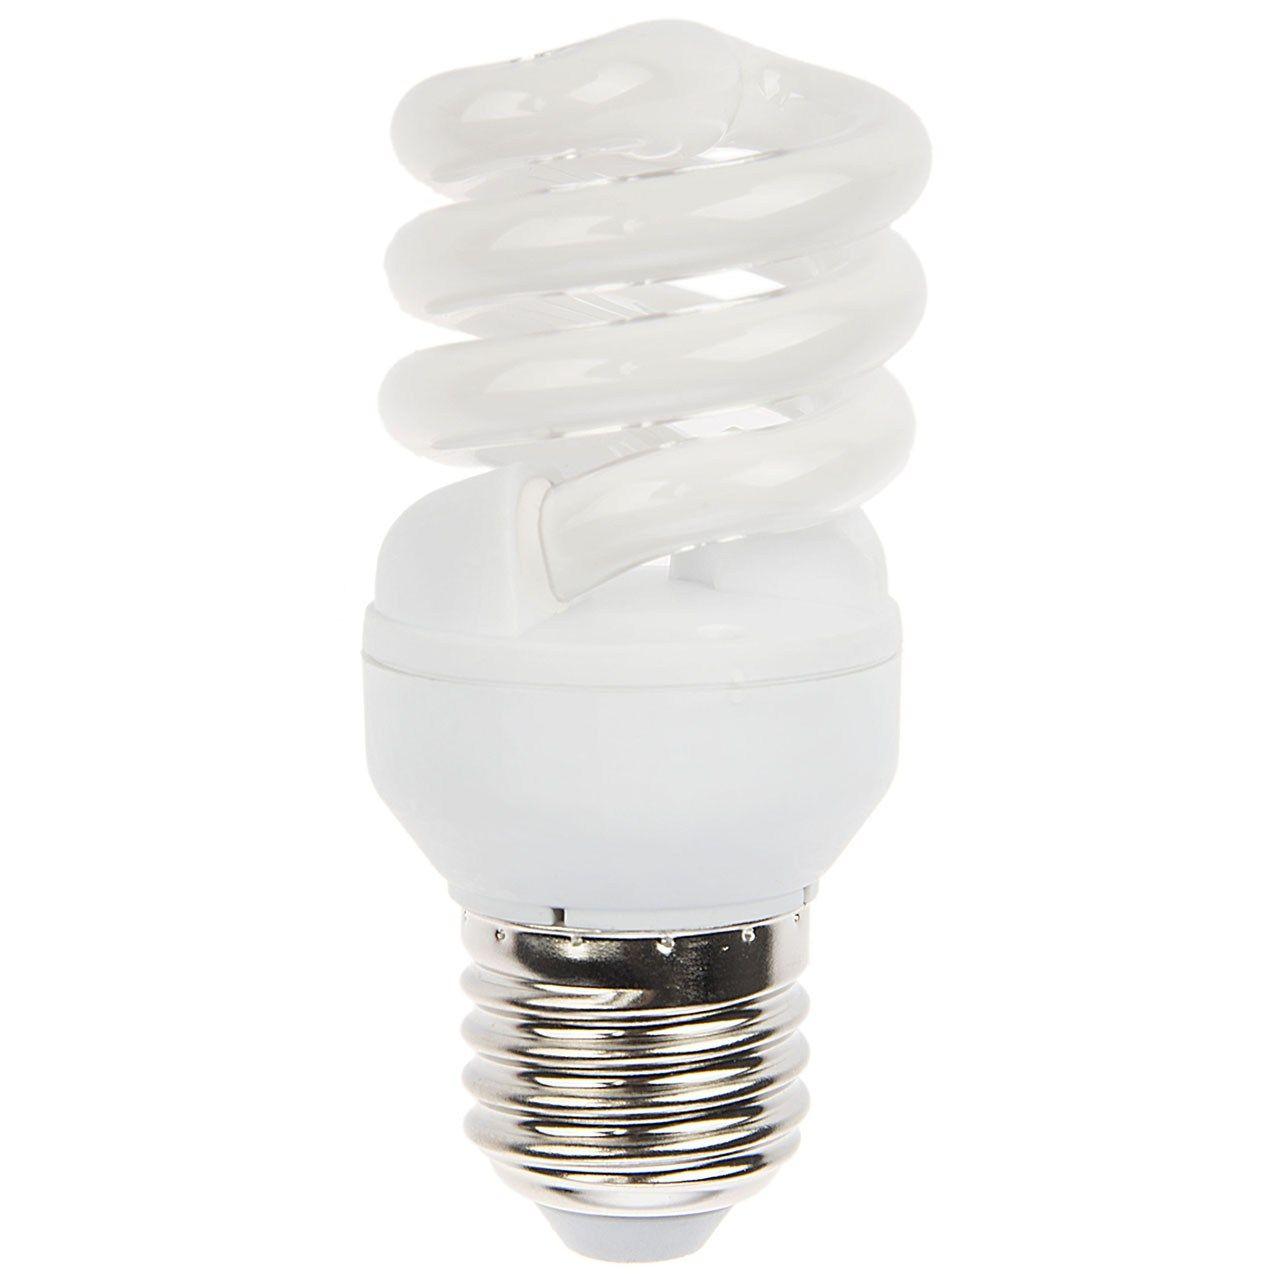 لامپ کم مصرف 11 وات نور مدل NES-FS-11W پایه E27